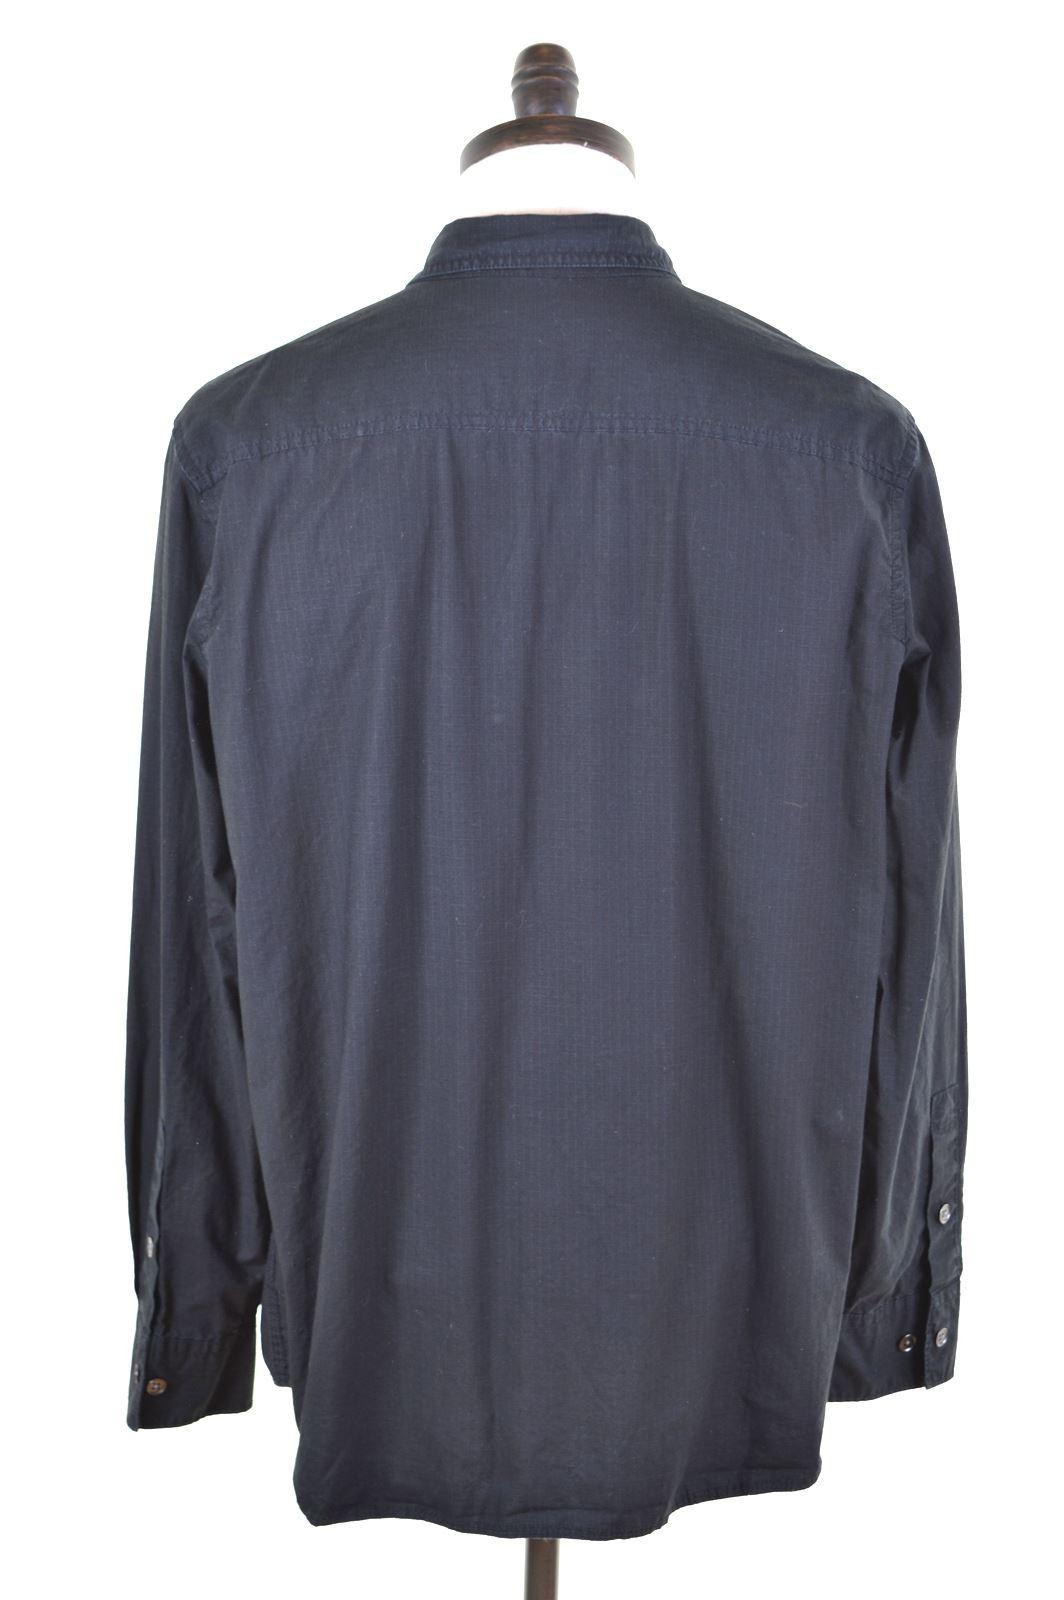 6b53a8286e8b CALVIN KLEIN Mens Shirt XL Black Cotton GR02